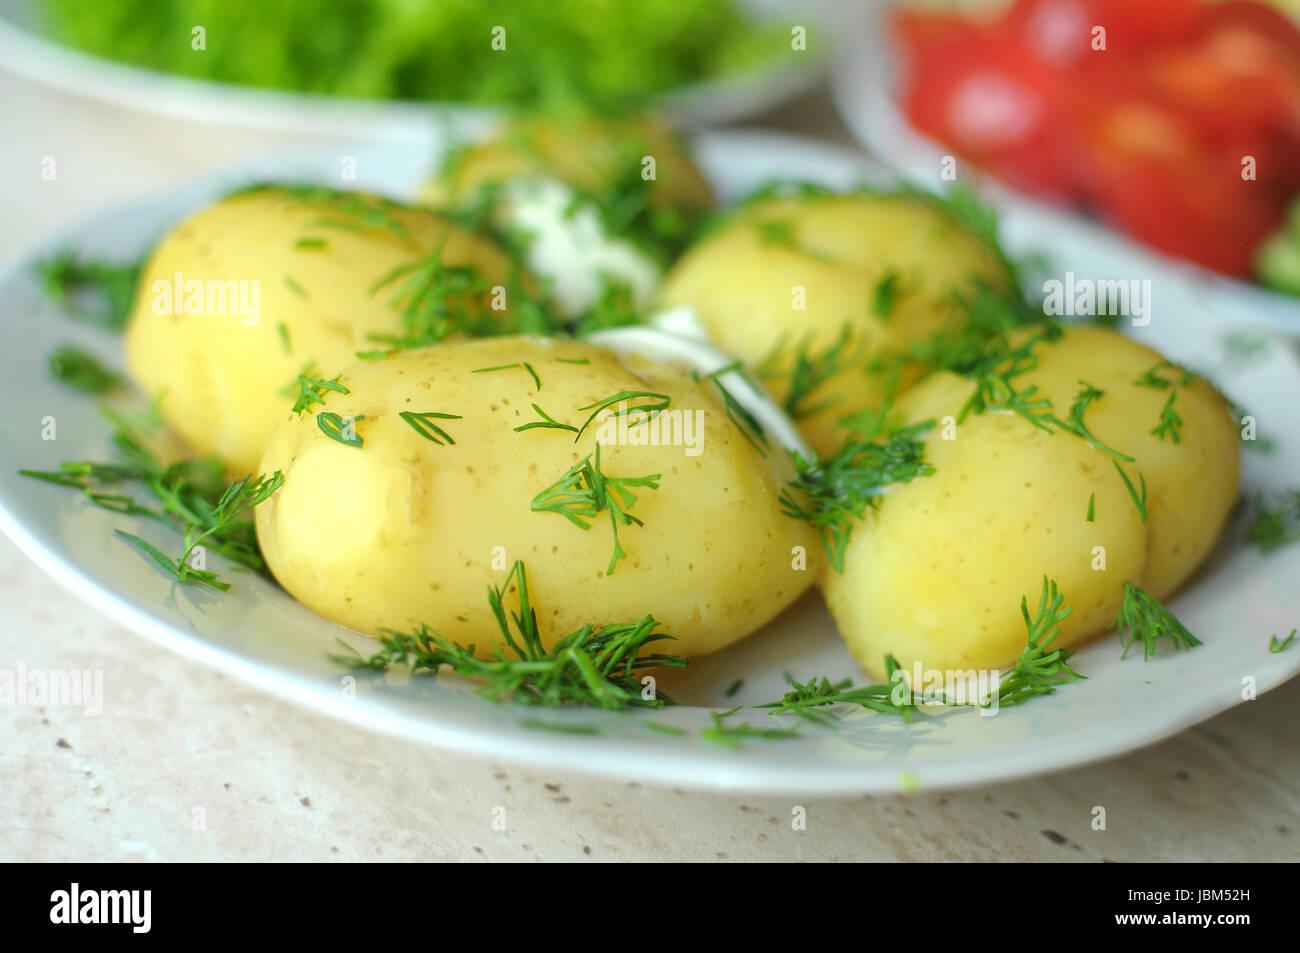 Les légumes frais biologiques et bouillie de pommes de terre nouvelles sur les plaques sur la table en bois. Photo Stock